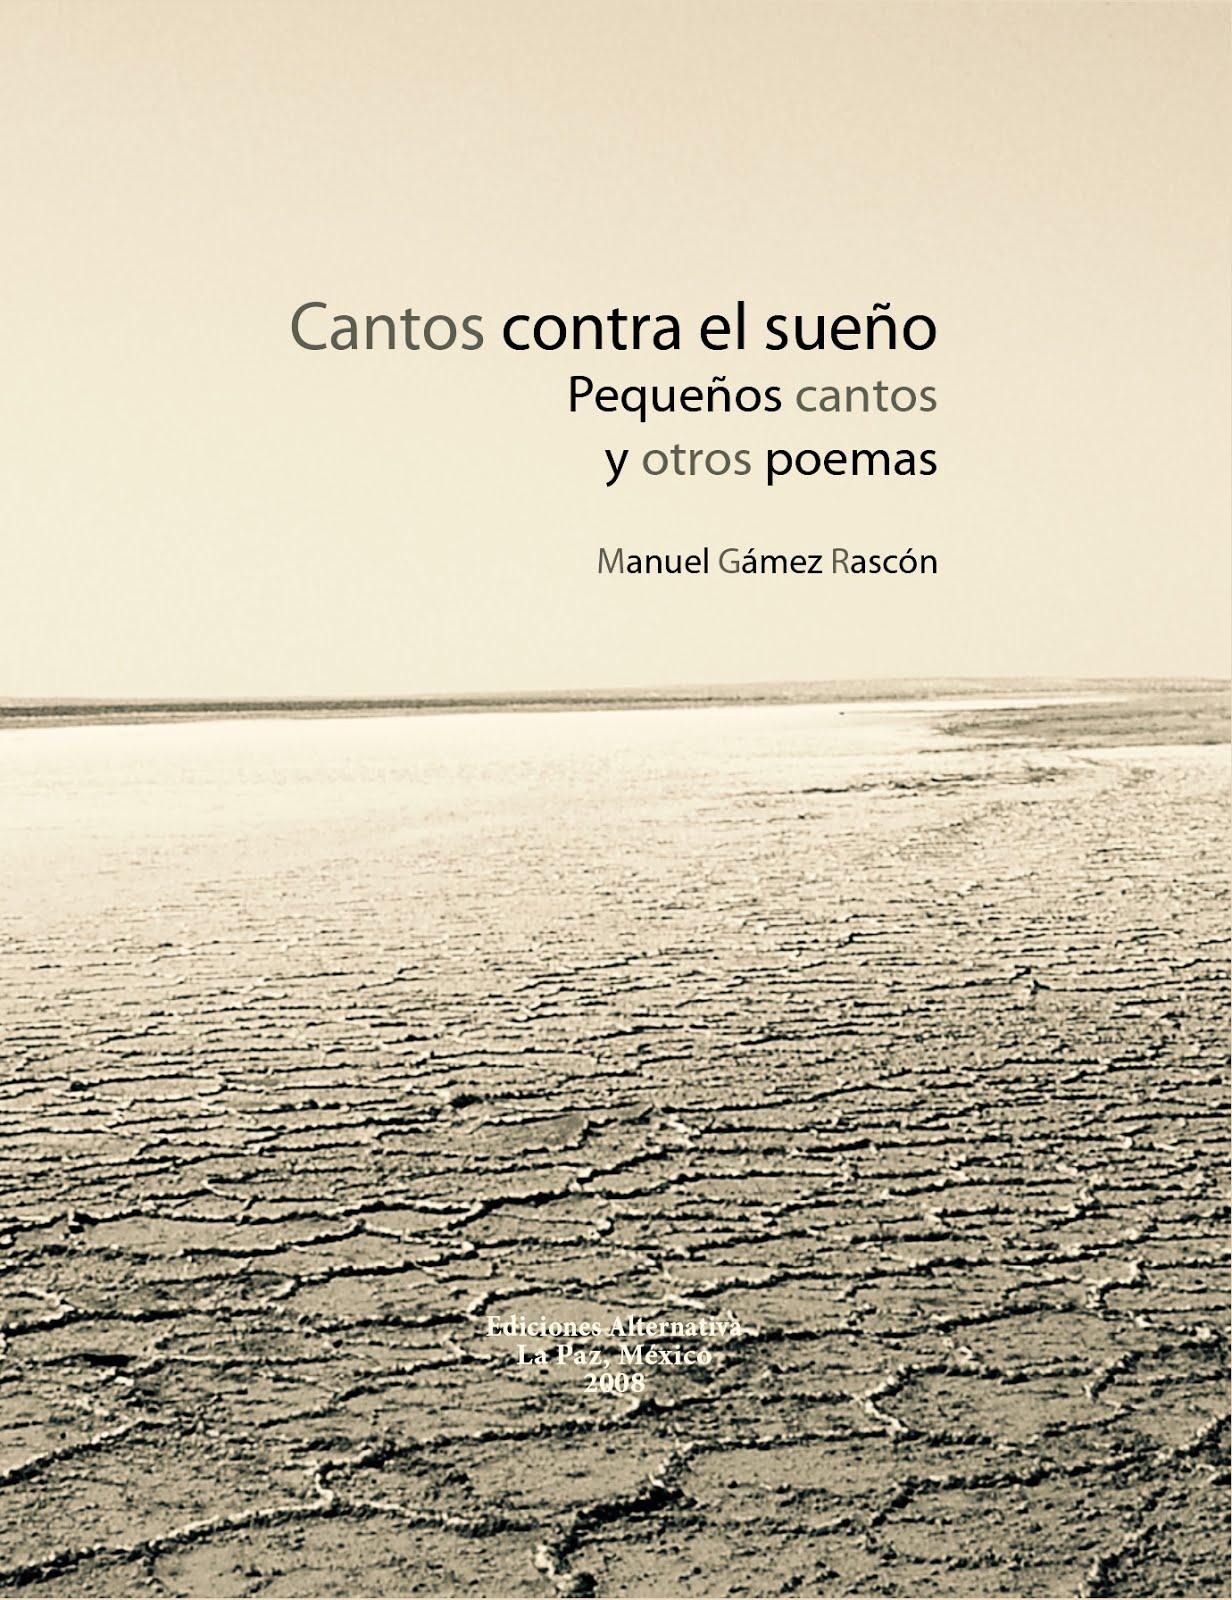 'Cantos contra el sueño' y otros poemas, de Manuel Gámez Rascón